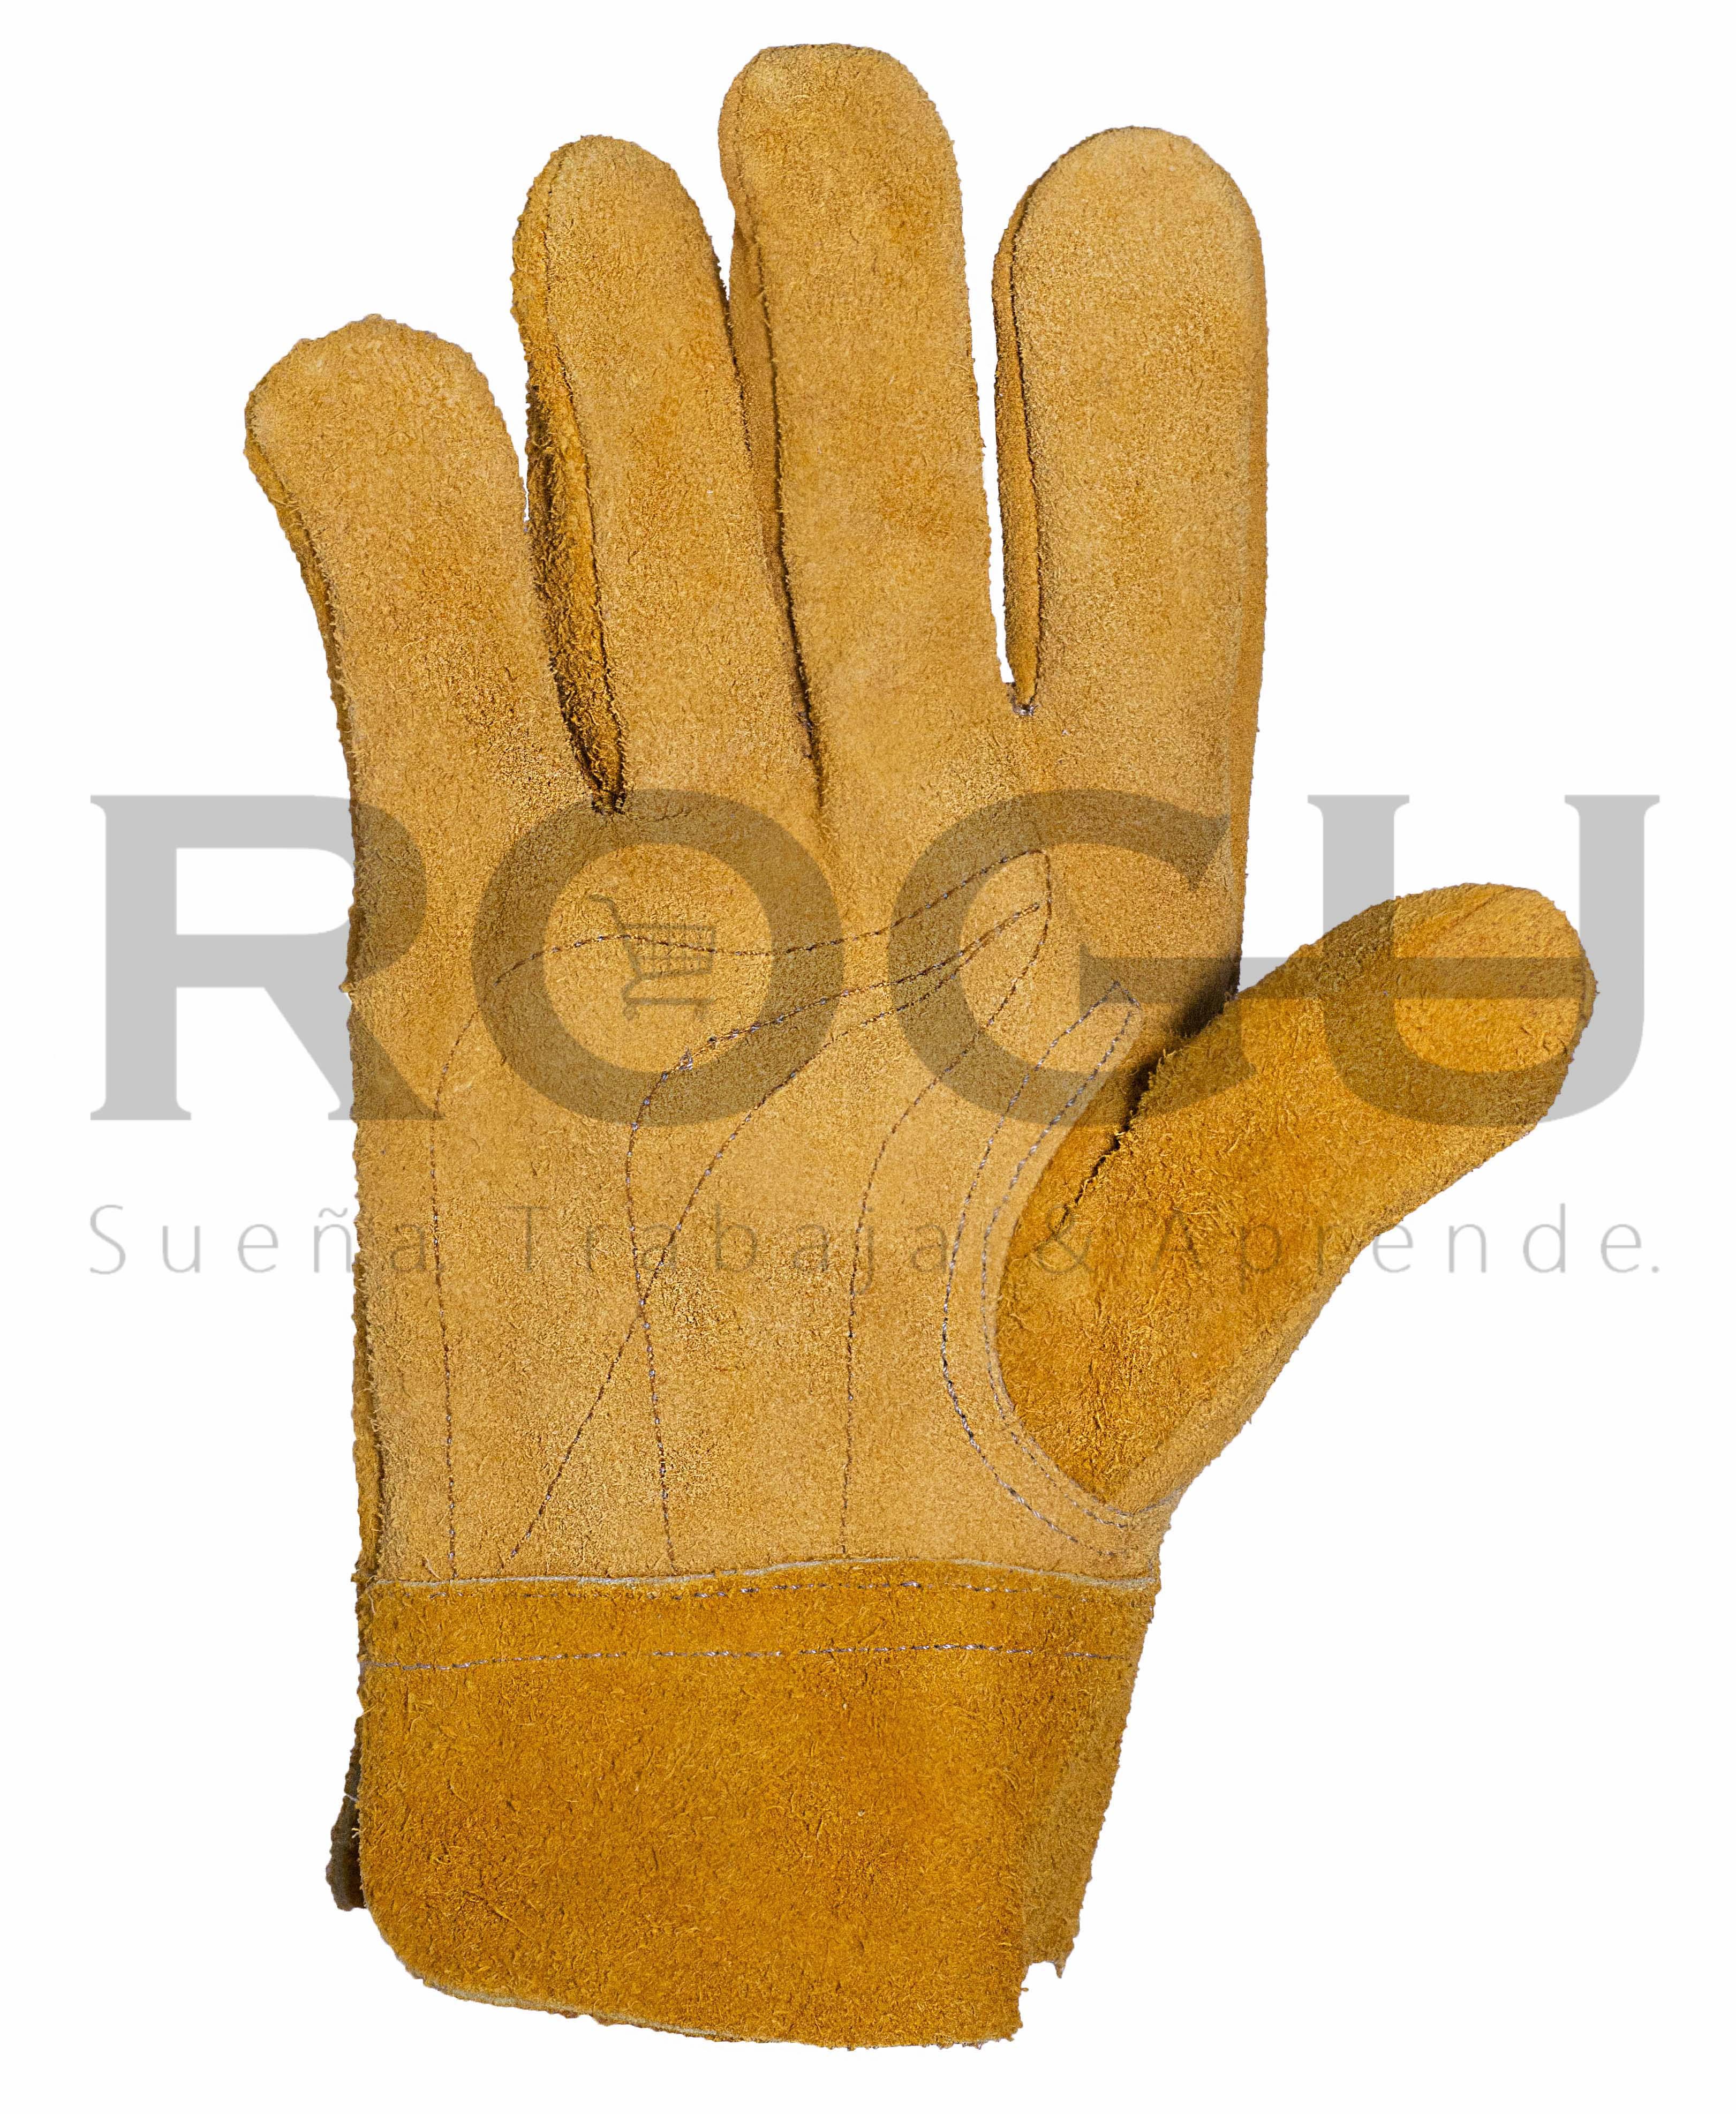 guante de carnaza corto amarillo